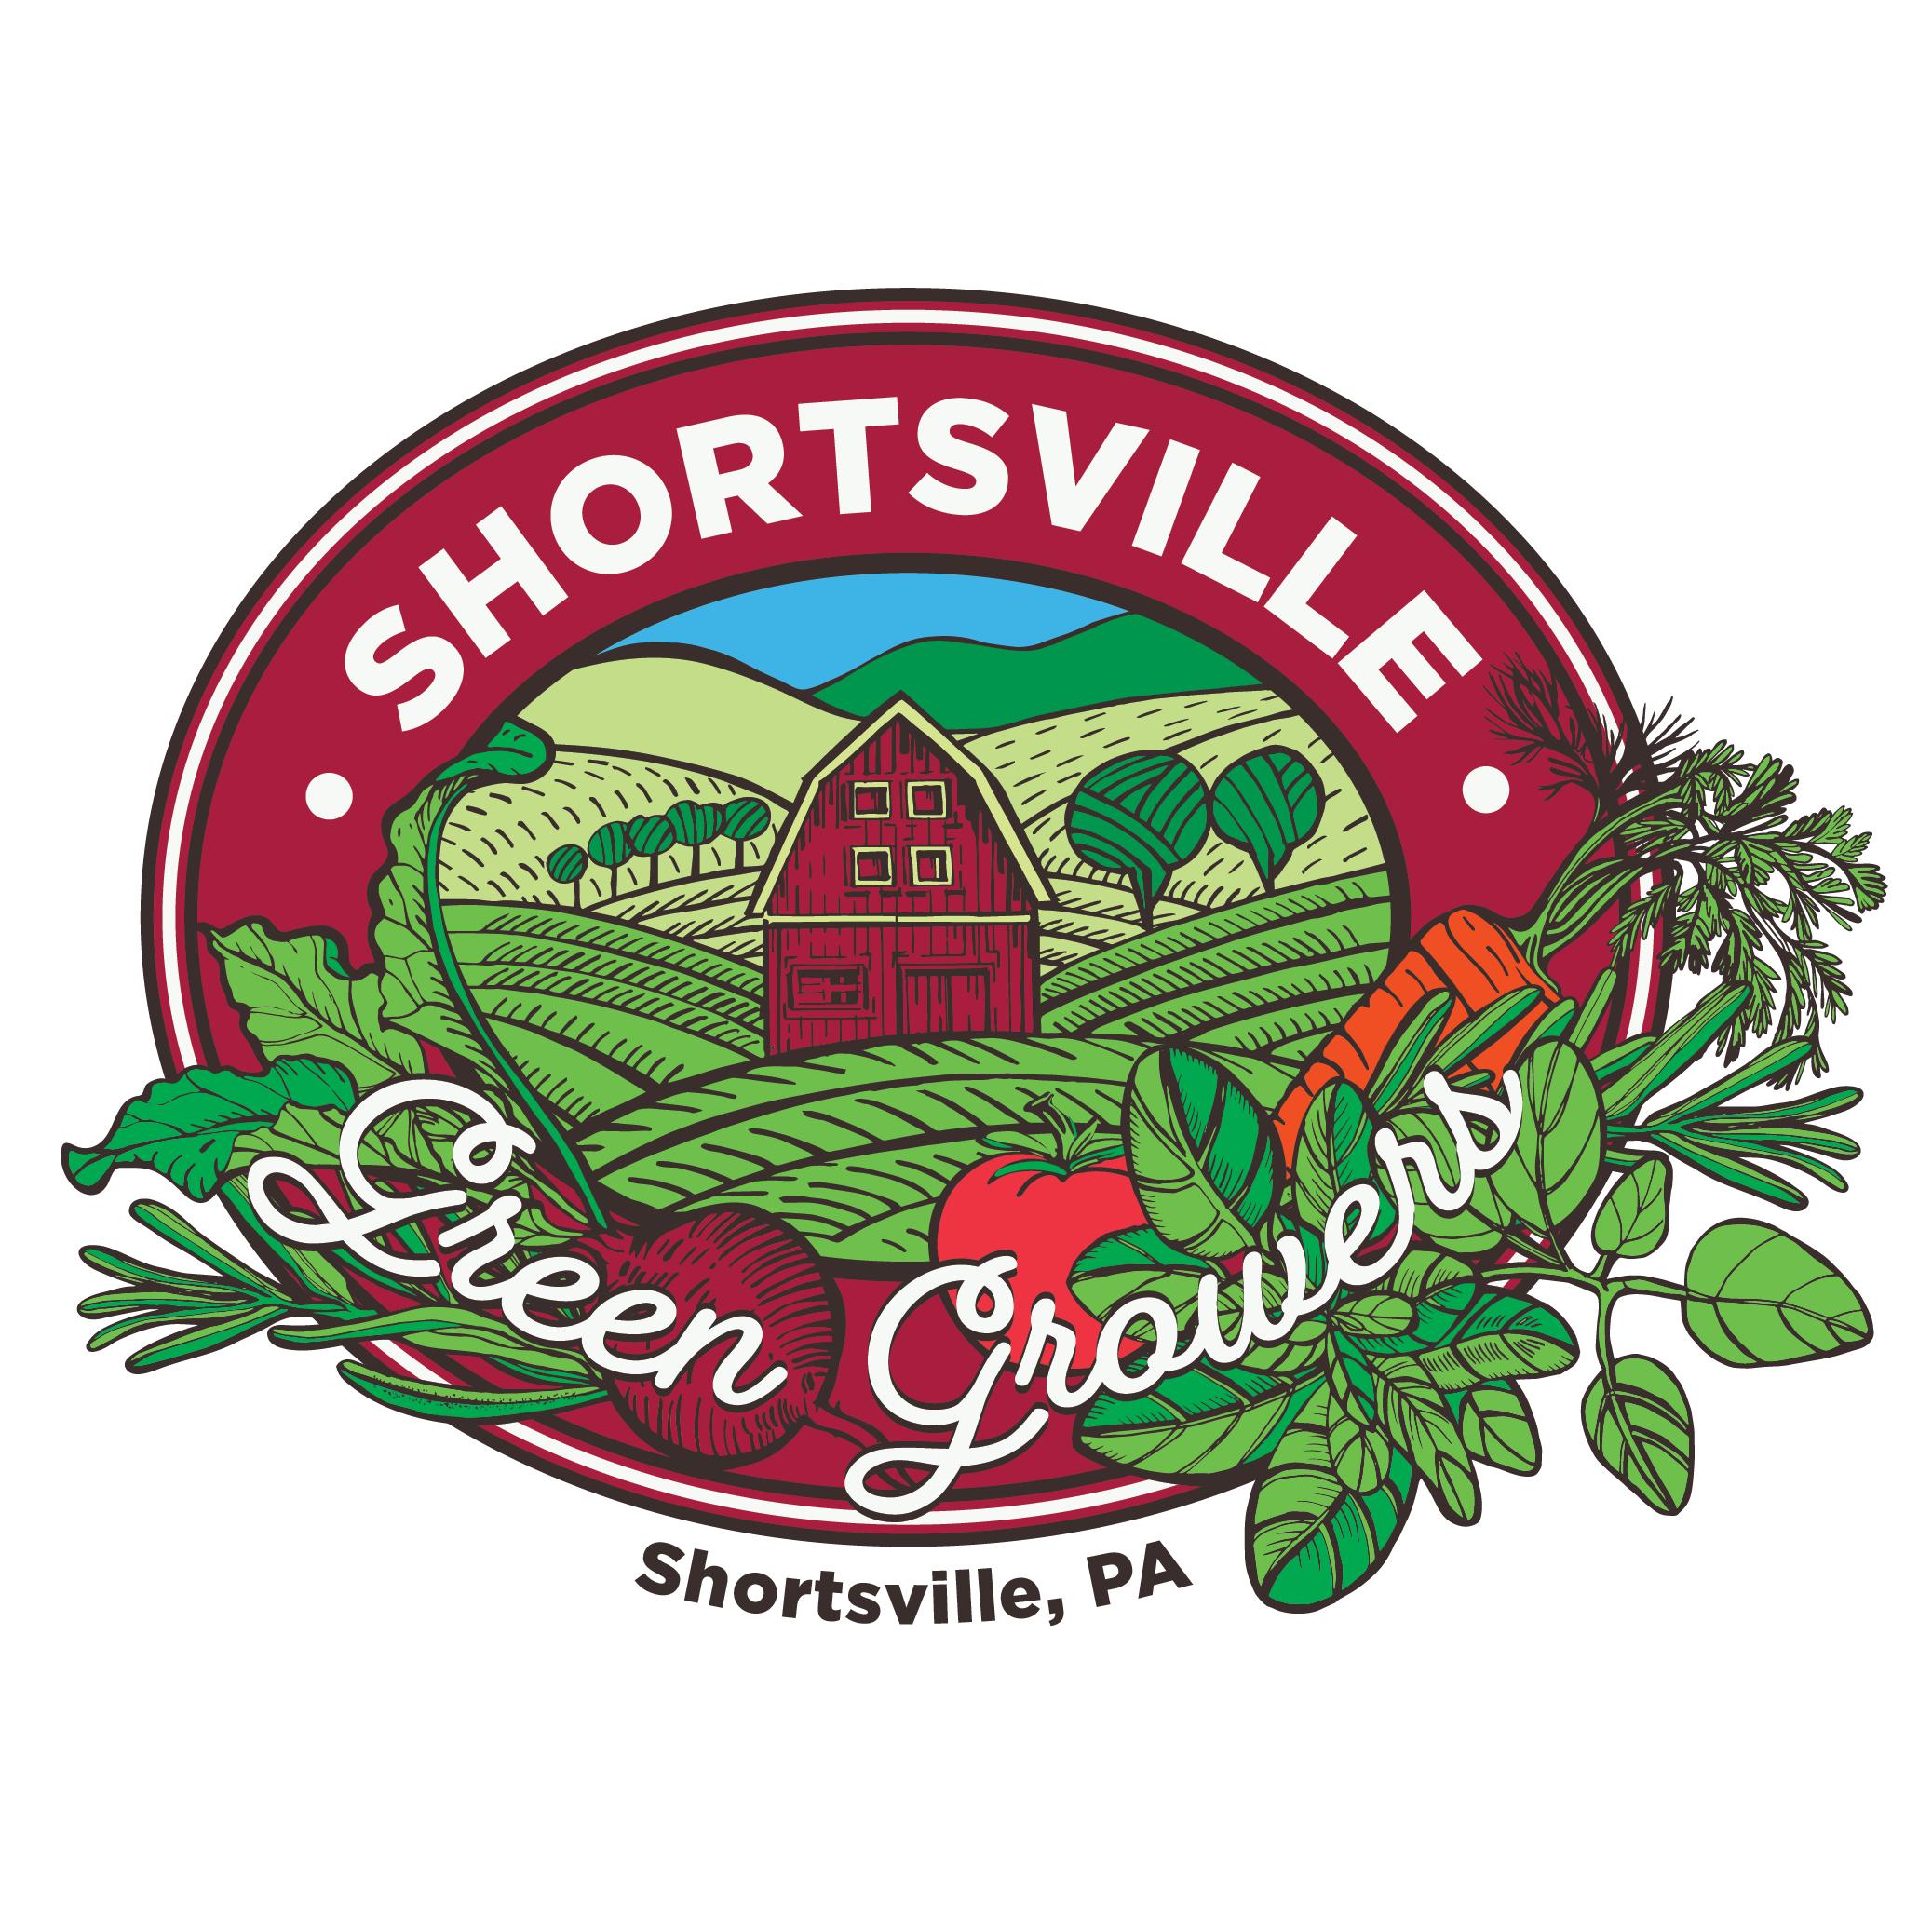 Shortsville Green Growers